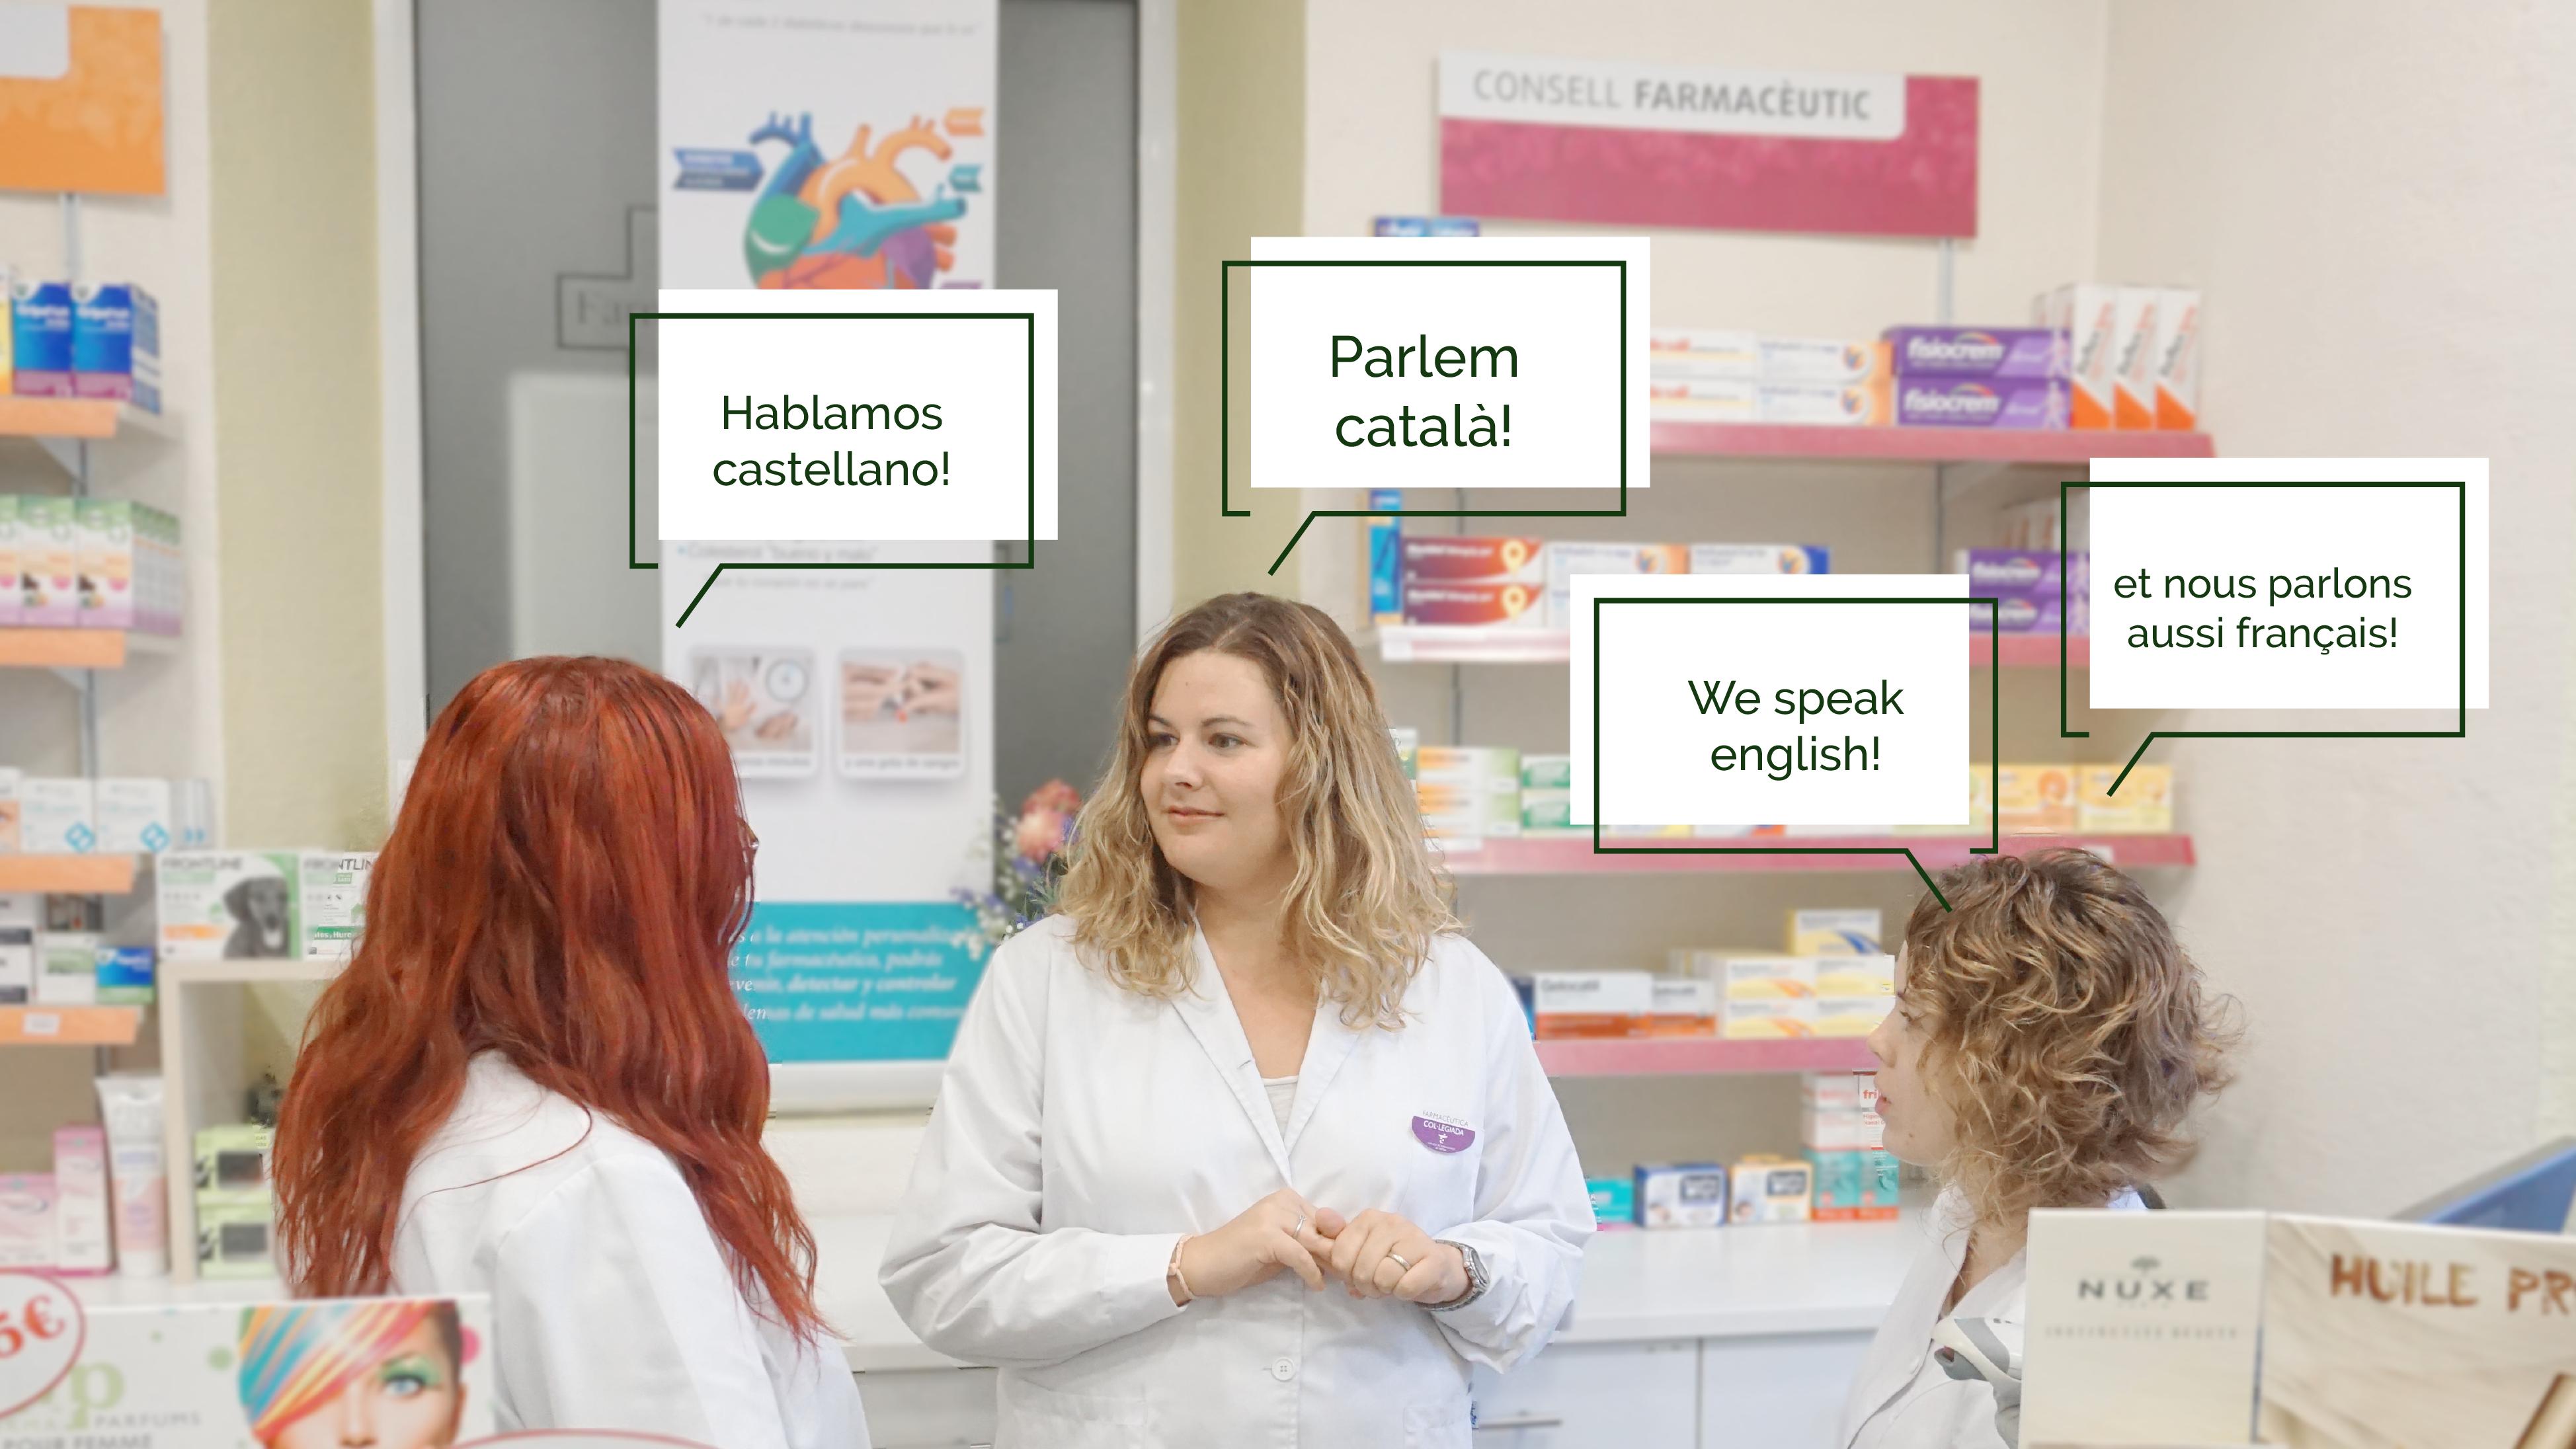 Parlem català! Hablamos castellano! We speak english et nous parlons aussi français!